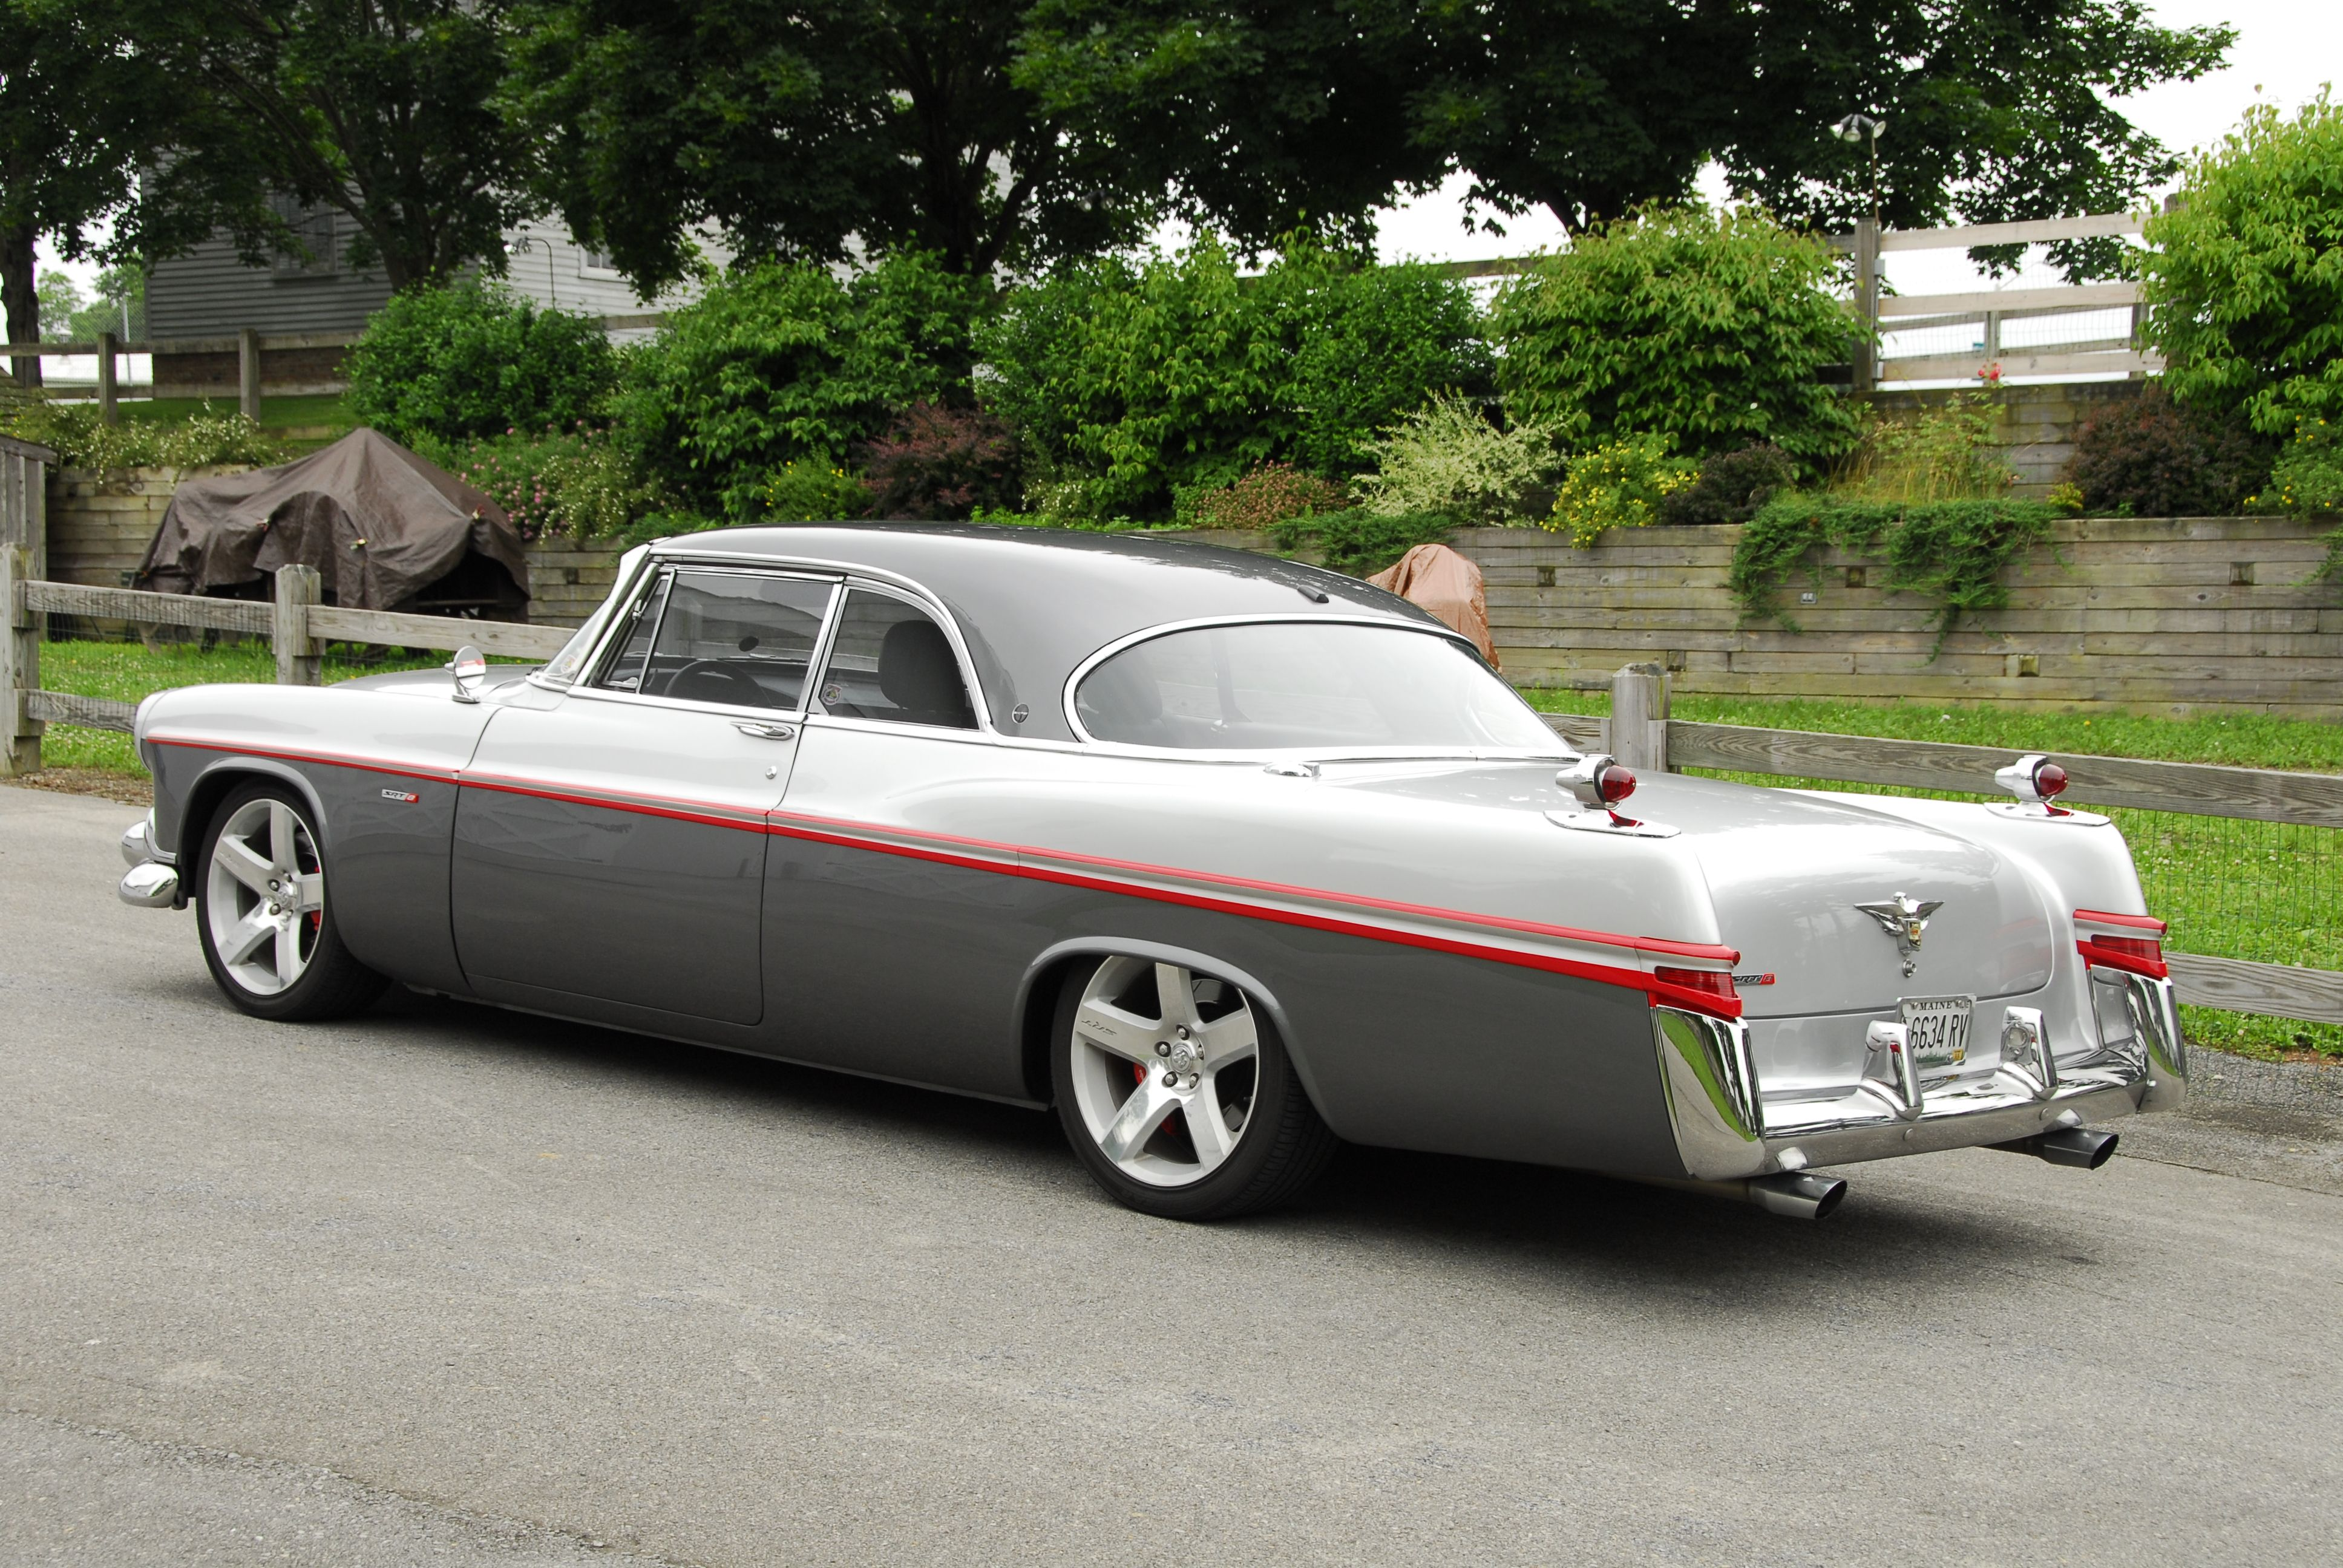 Paul White 1958 Chrysler Imperial Hot Rod Network